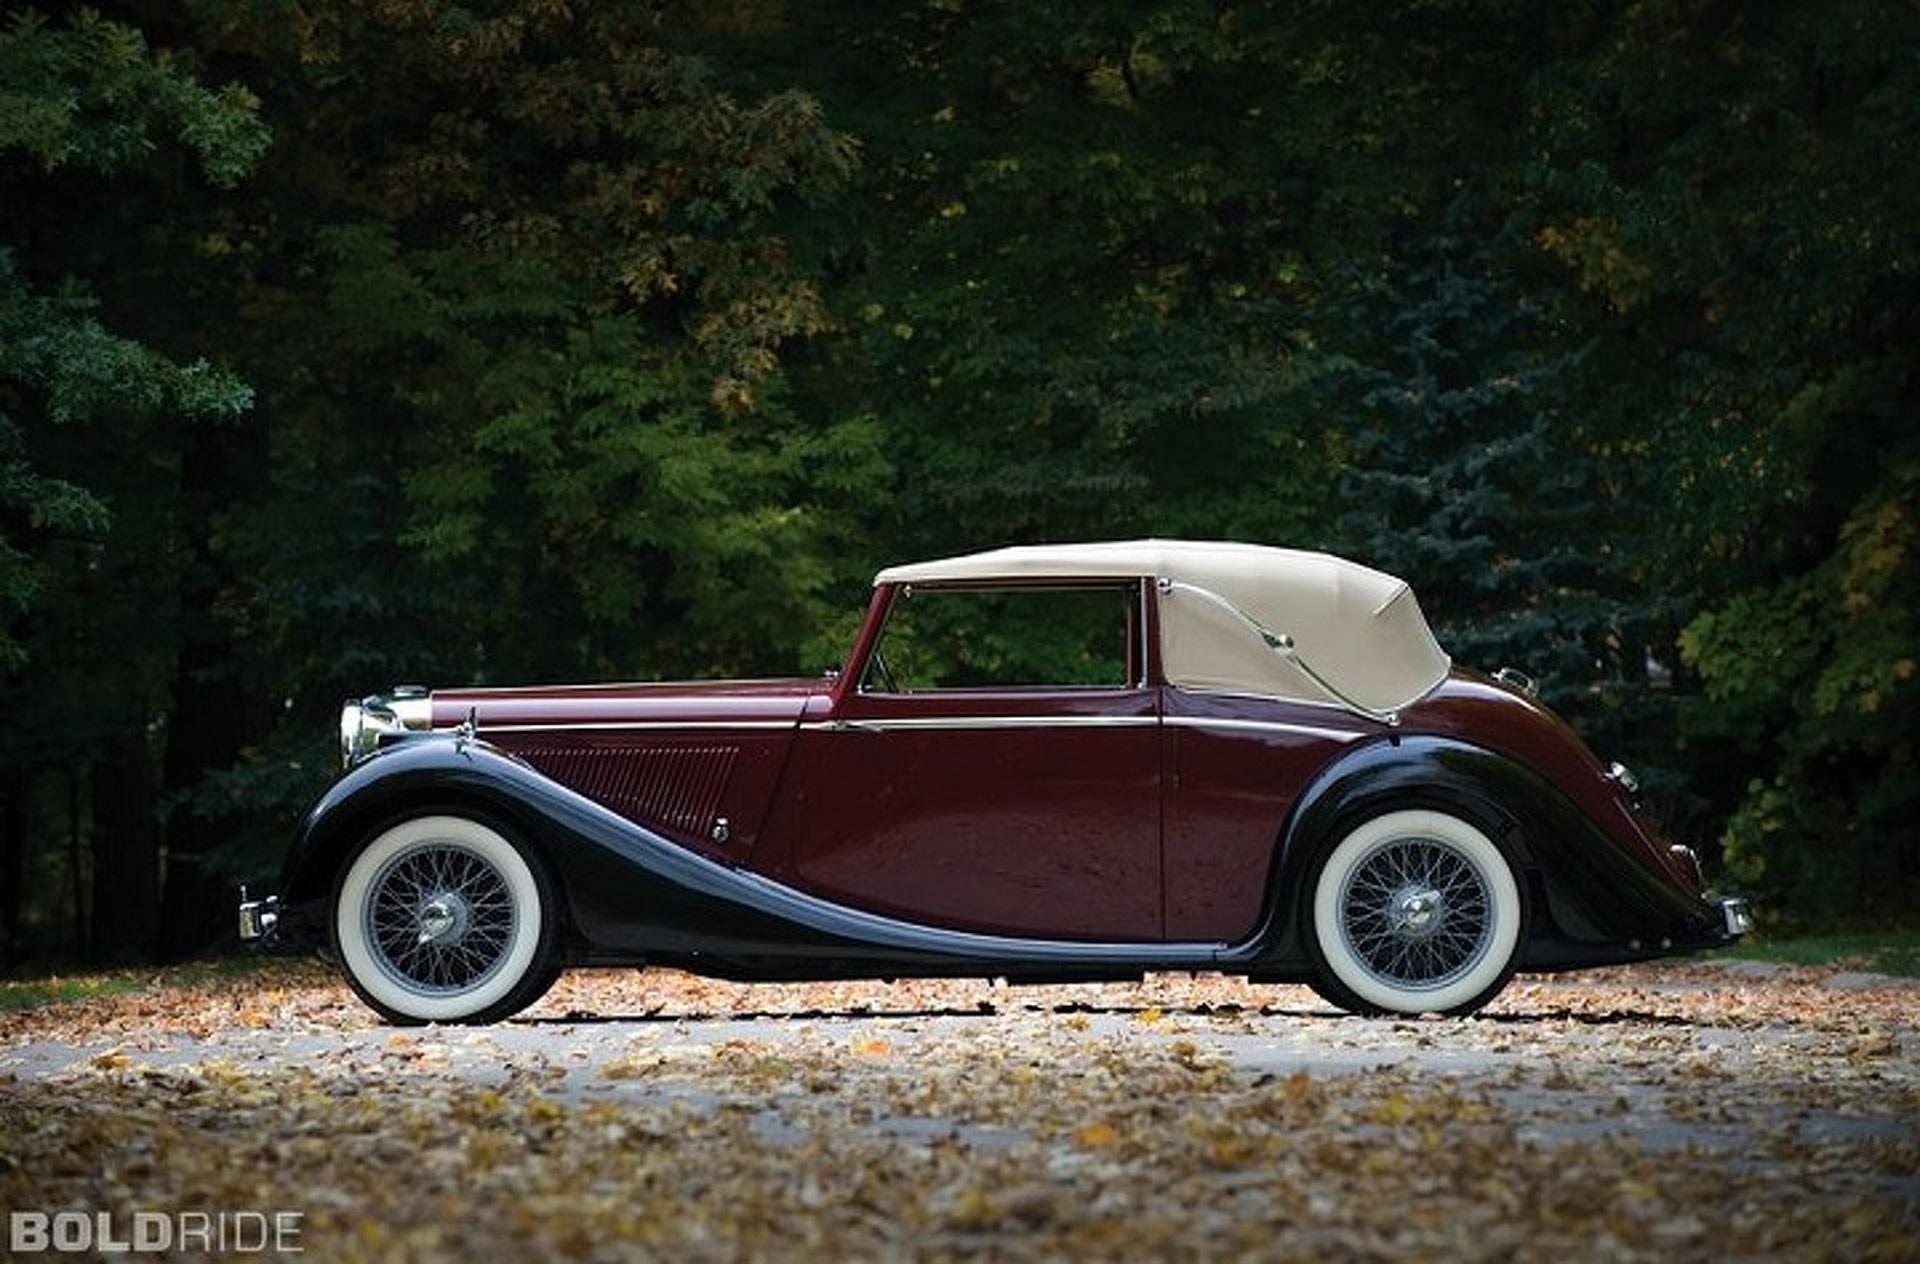 1948 Jaguar Mark IV Drophead Coupe: A Jaguar for a More Civilized Age